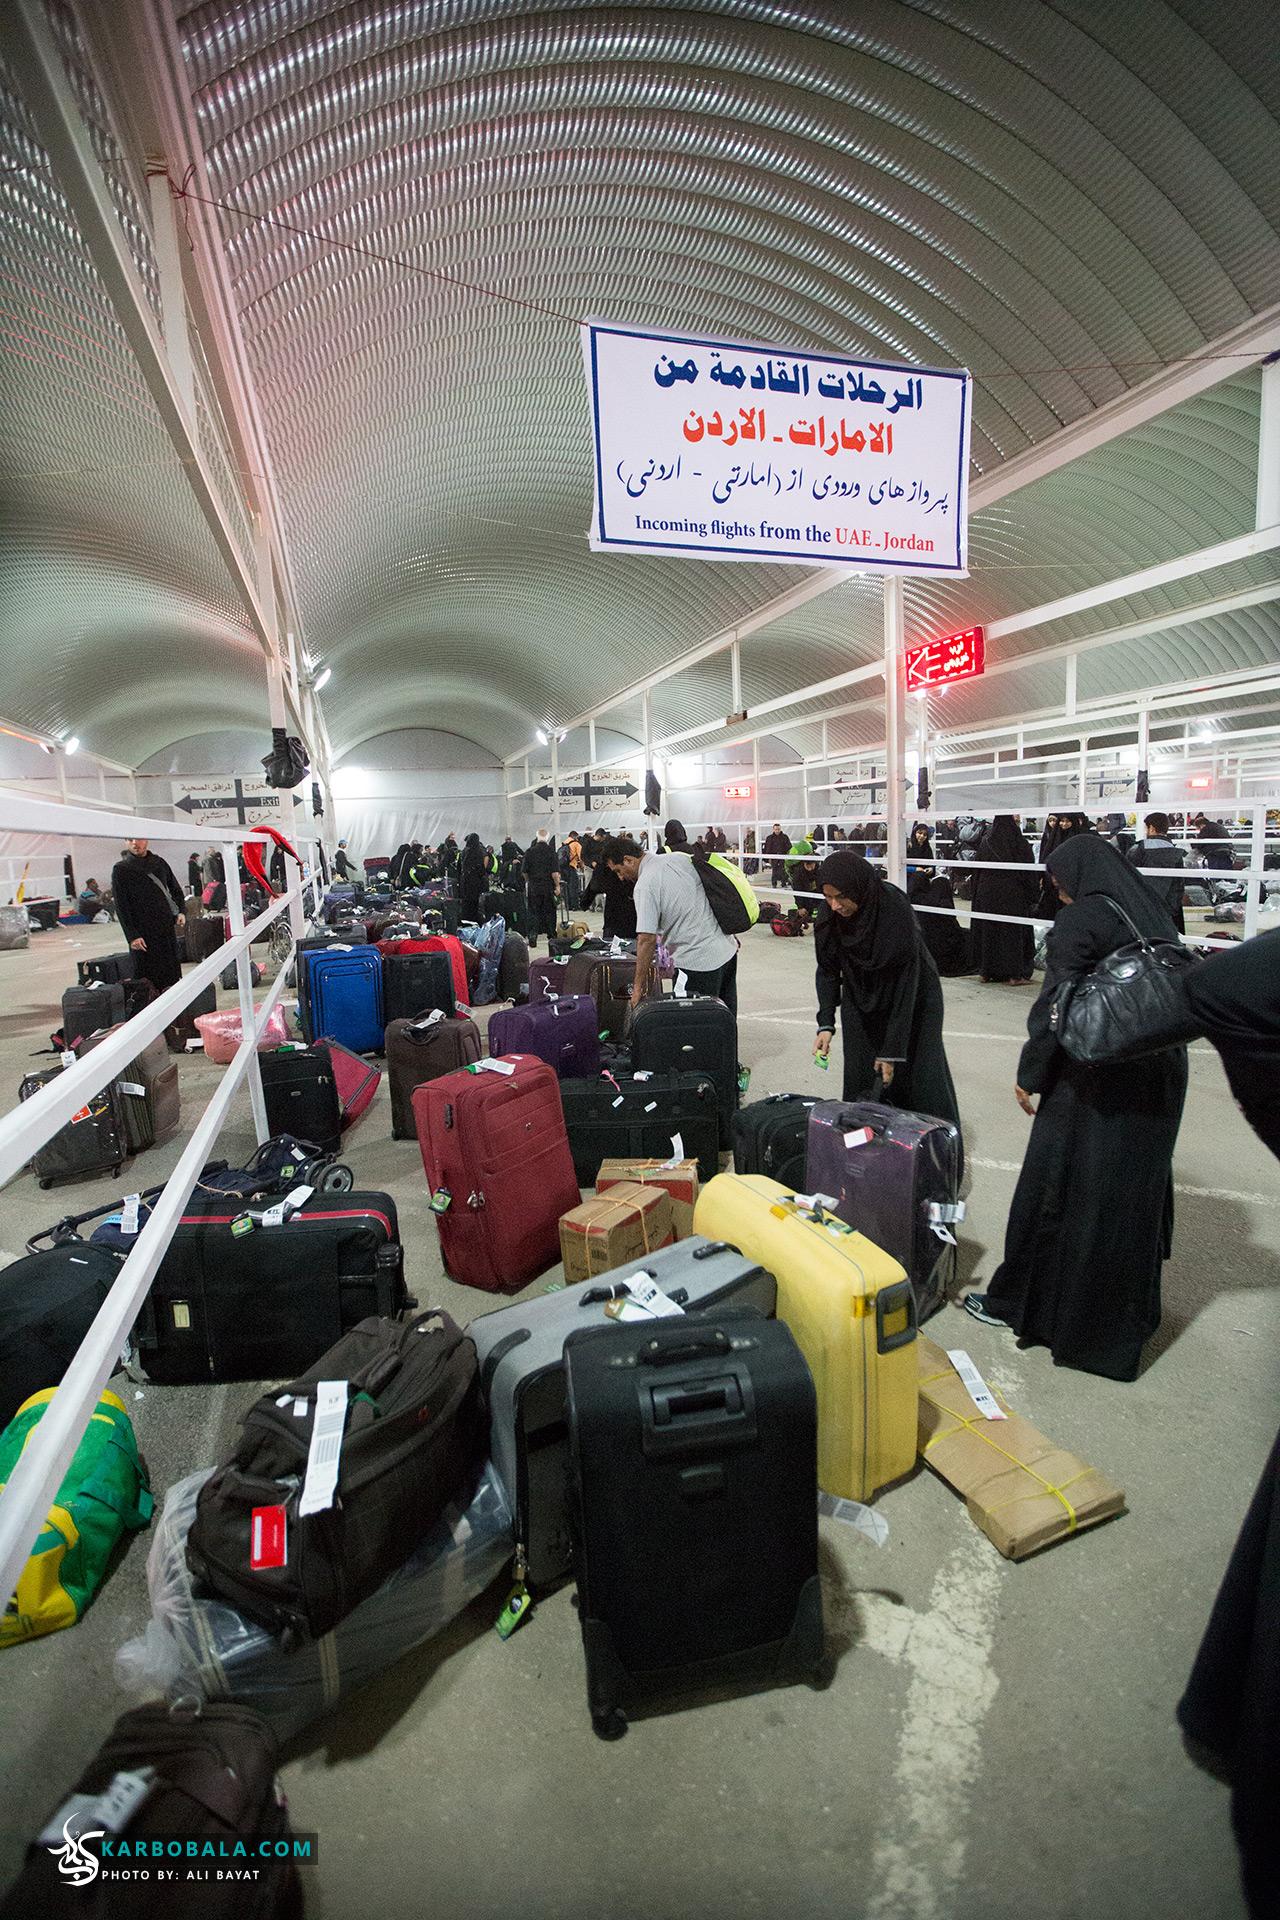 گزارش تصویری از حضور زوار در فرودگاه های ایران و نجف